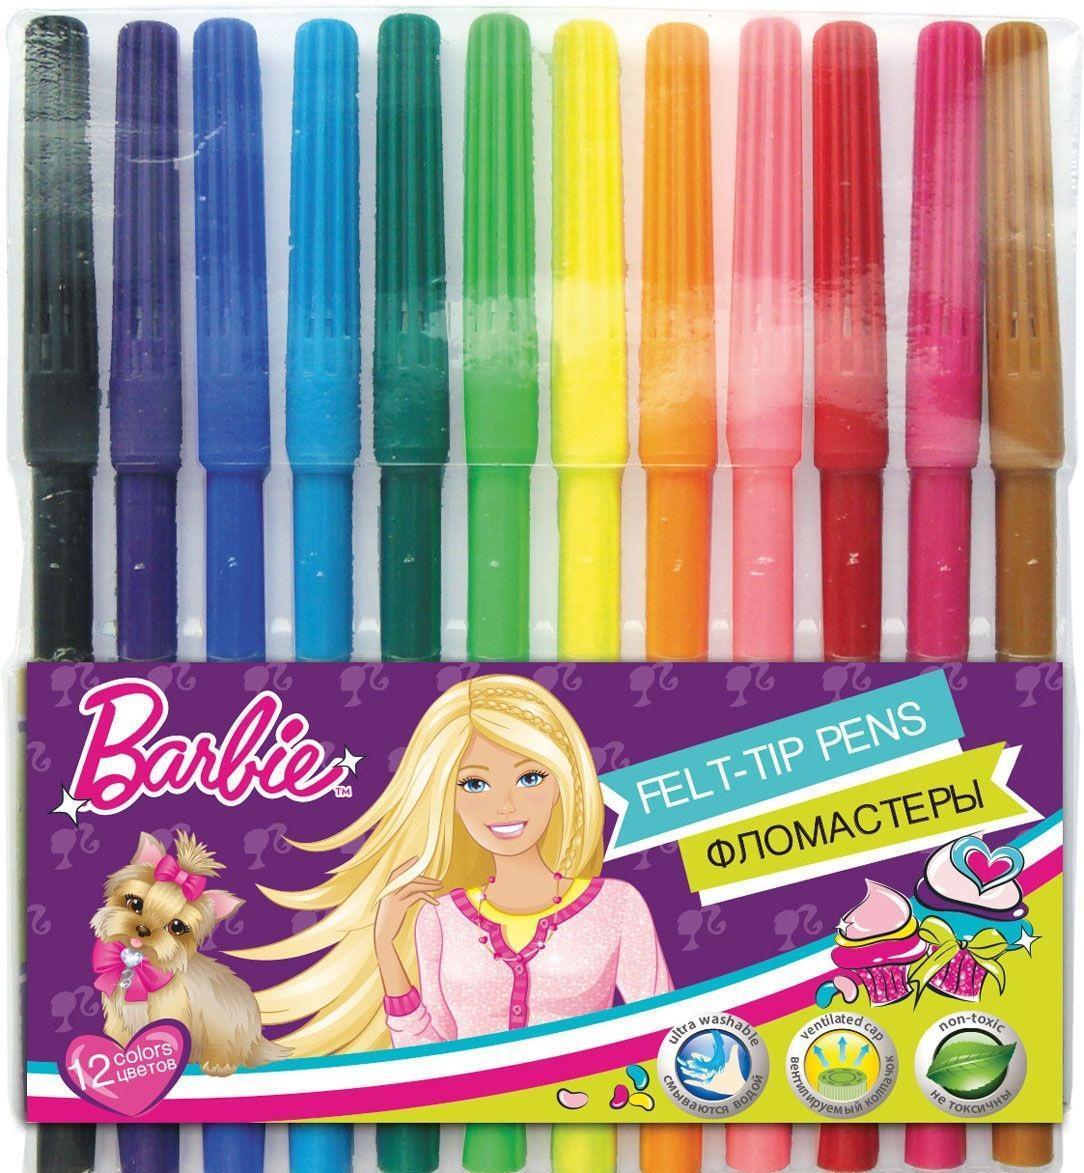 Набор цветных фломастеров, 12 шт BarbieBRCB-US1-1M-12Набор цветных фломастеров, 12 шт. Колпачок - вентилируемый, в цвет наконечника, непрозрачный. На корпусе фломастера - тиснение золотом. Упаковка - пластиковая комбинированная.